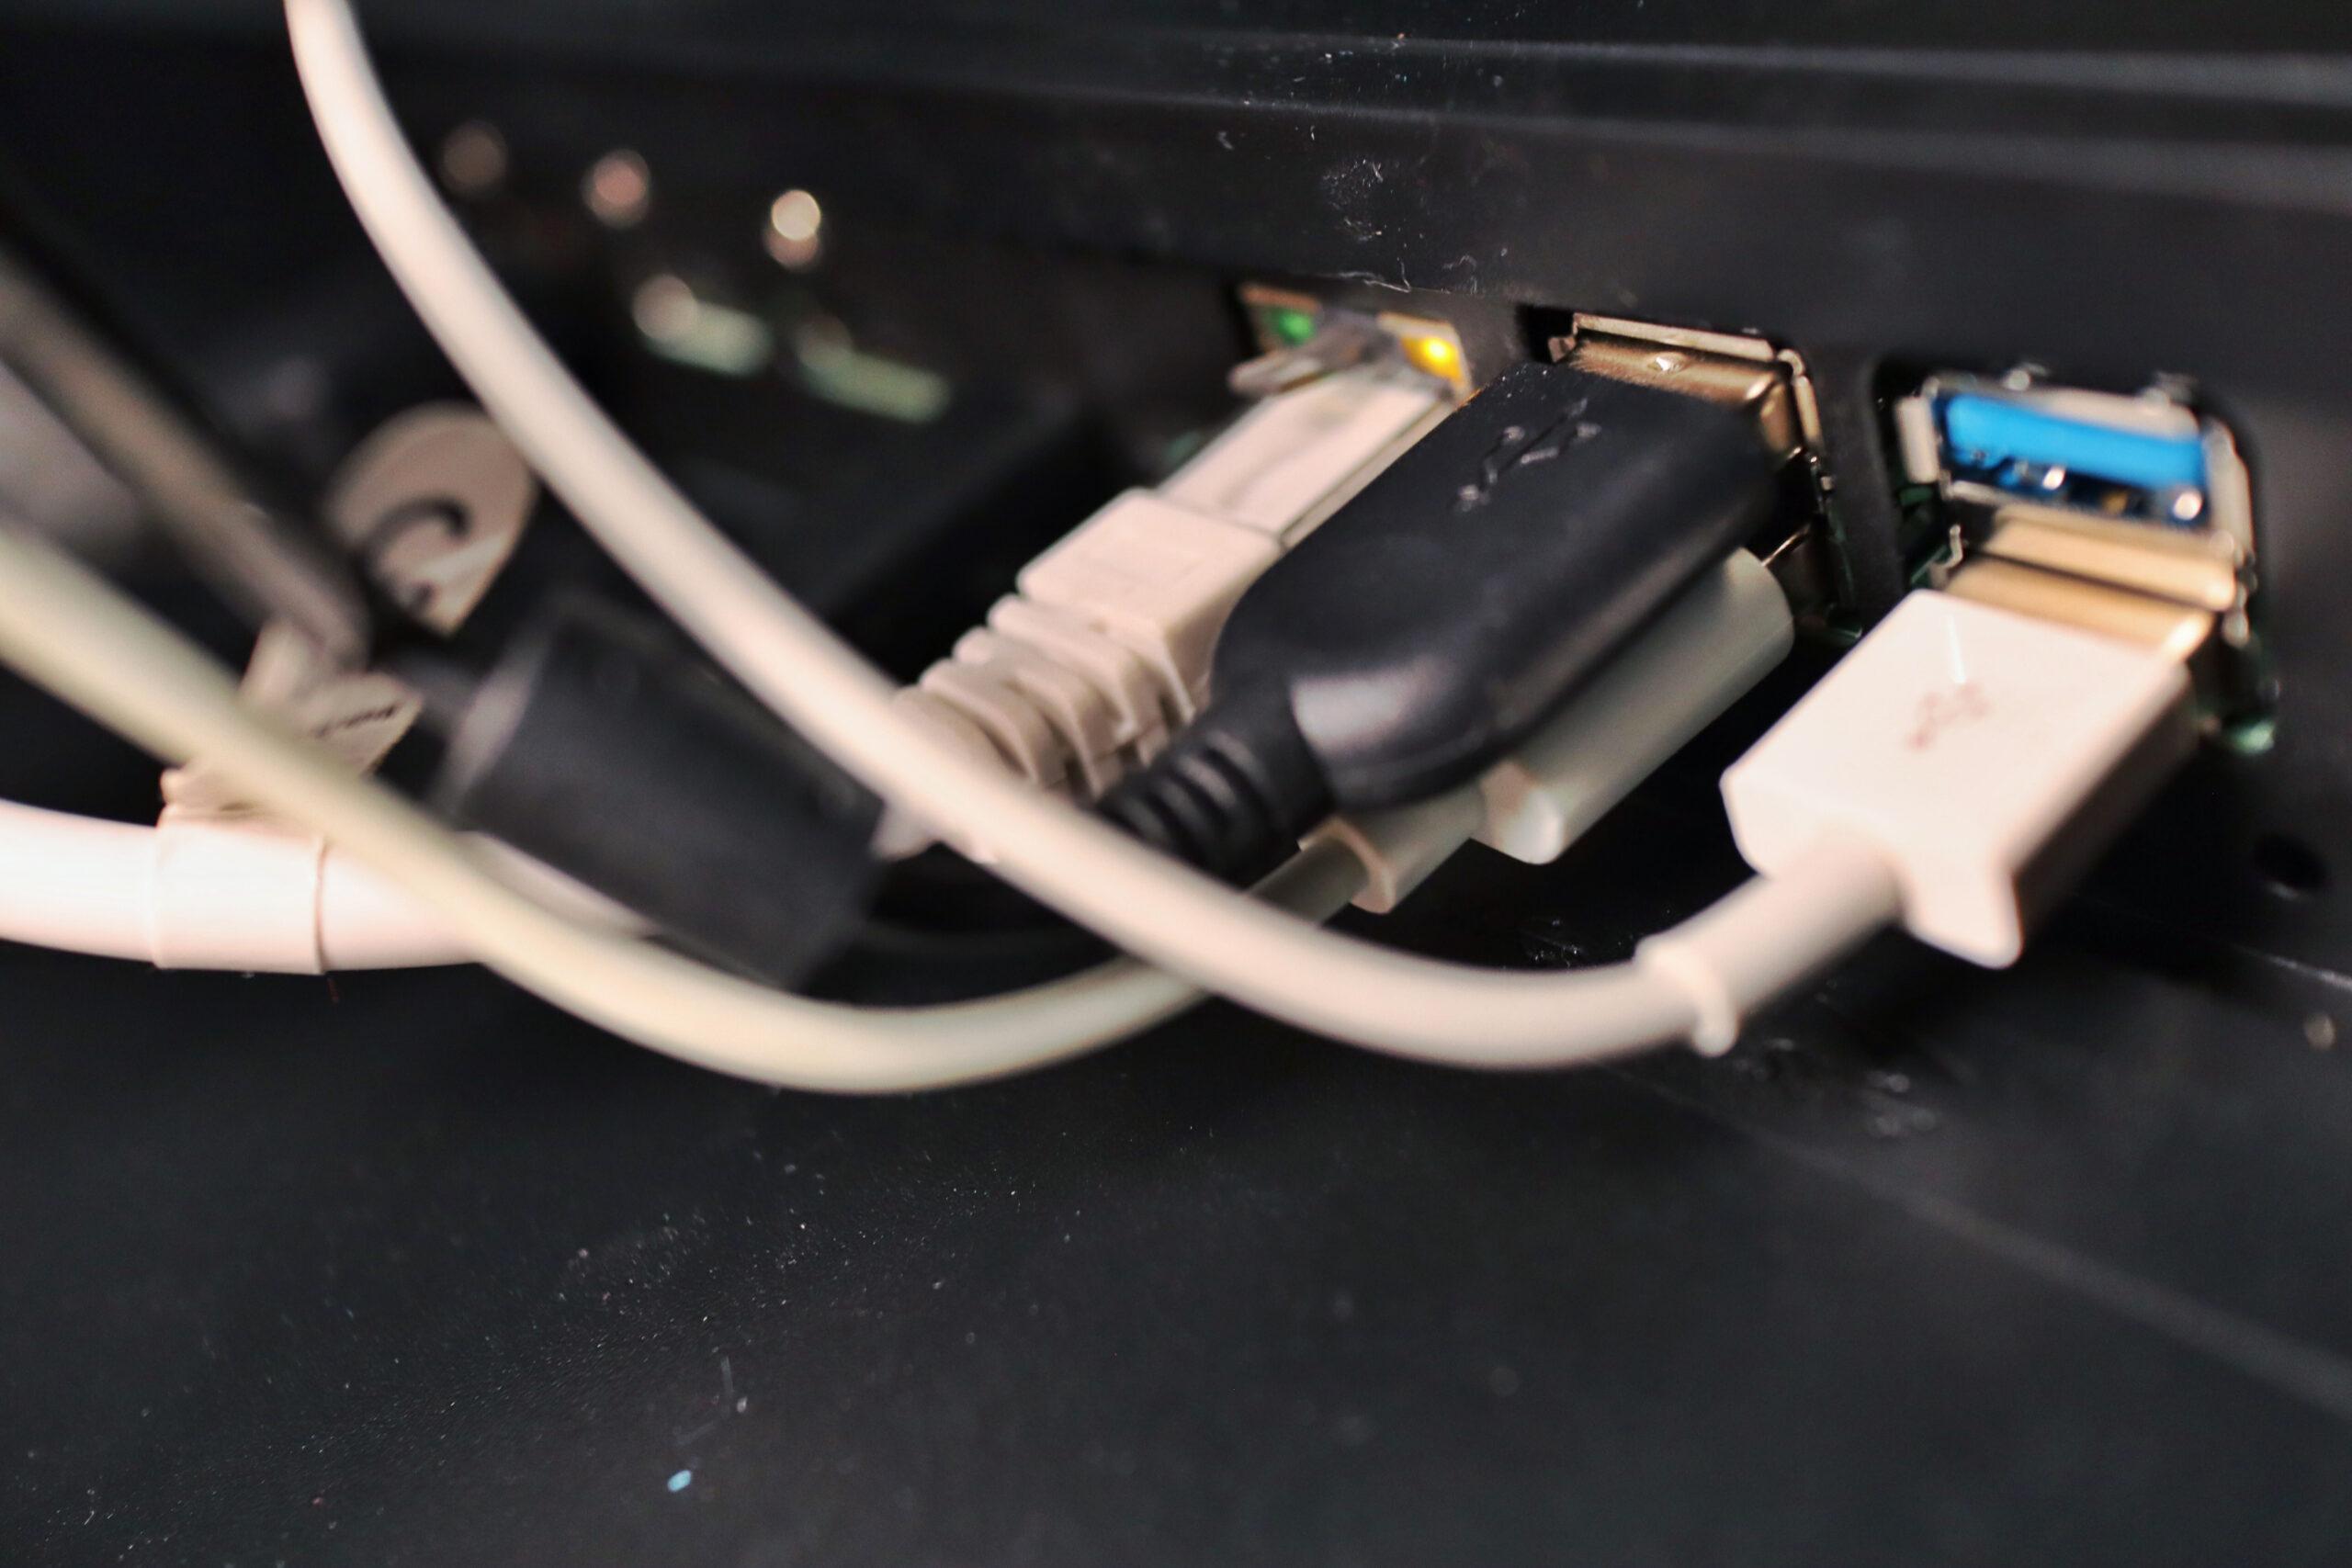 Philips 328P6VU med USB hub och nätverksuttag